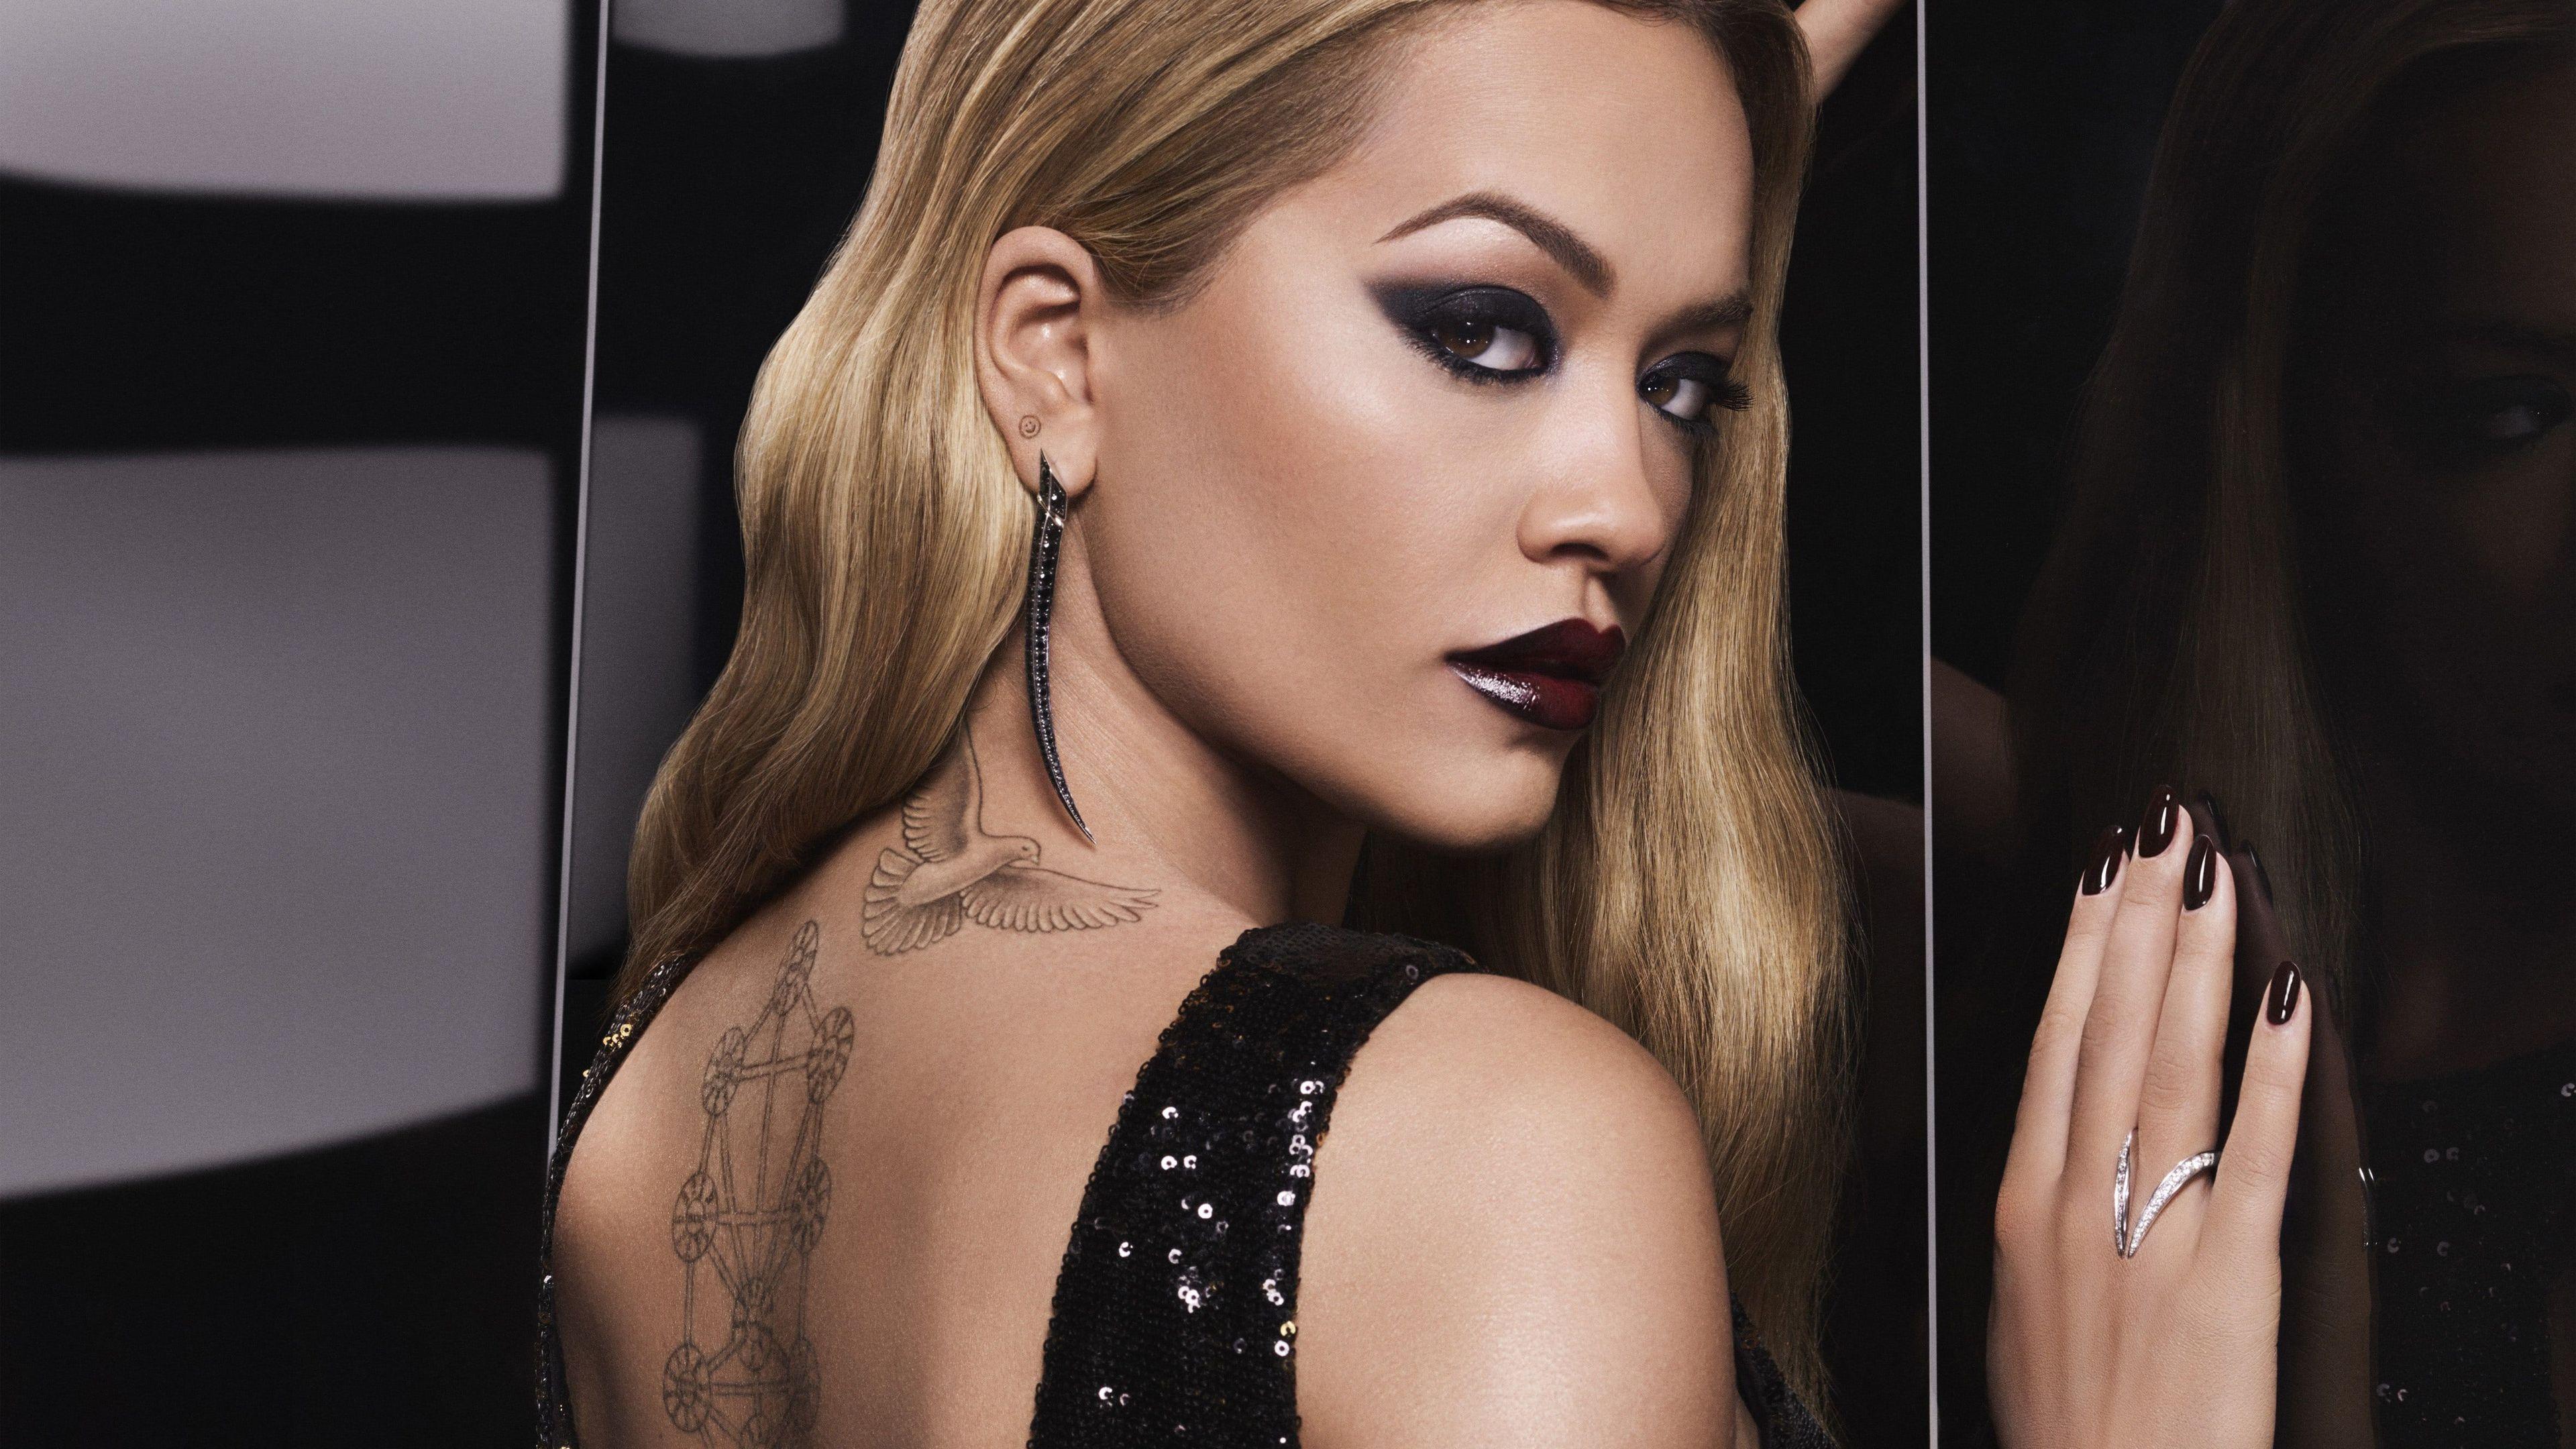 rita ora 4k 2019 1546277172 - Rita Ora 4k 2019 - rita ora wallpapers, music wallpapers, hd-wallpapers, girls wallpapers, celebrities wallpapers, 4k-wallpapers